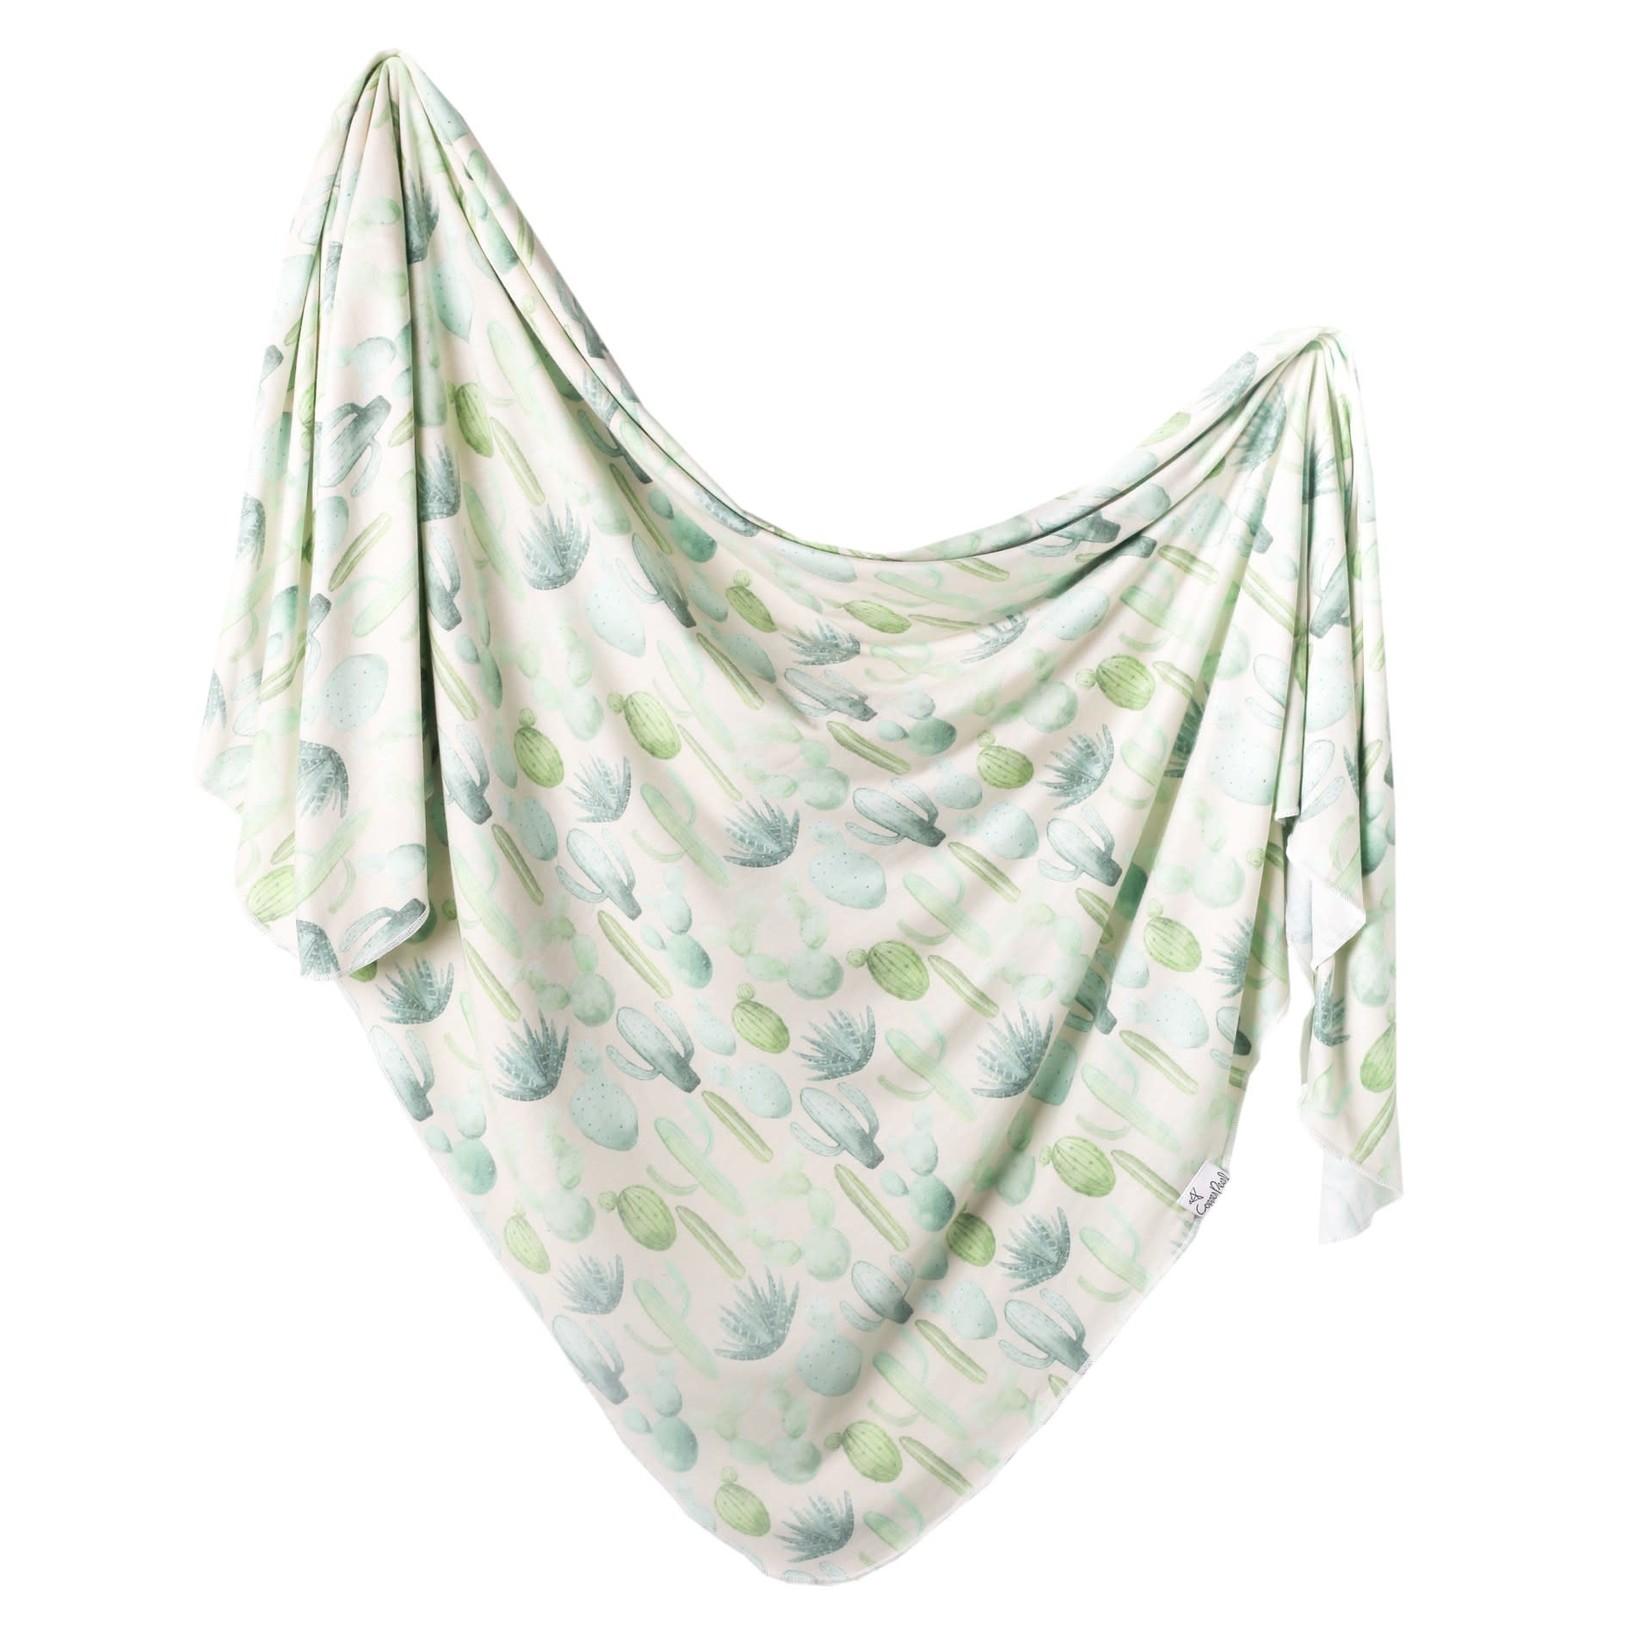 Copper Pearl Knit Blanket - Desert